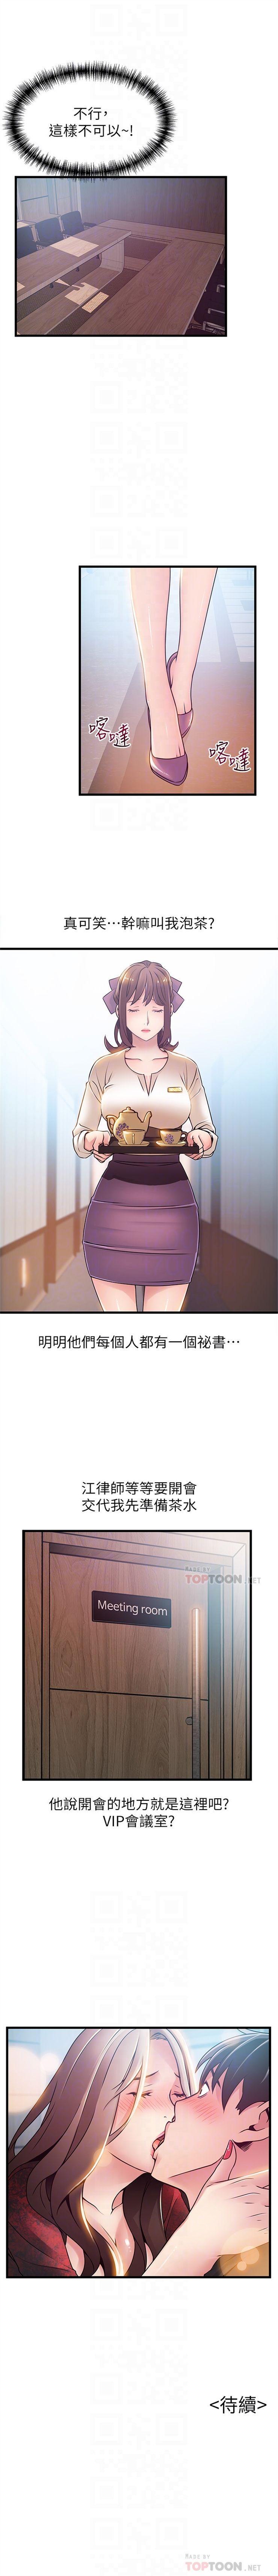 (週7)弱點 1-76 中文翻譯(更新中) 313